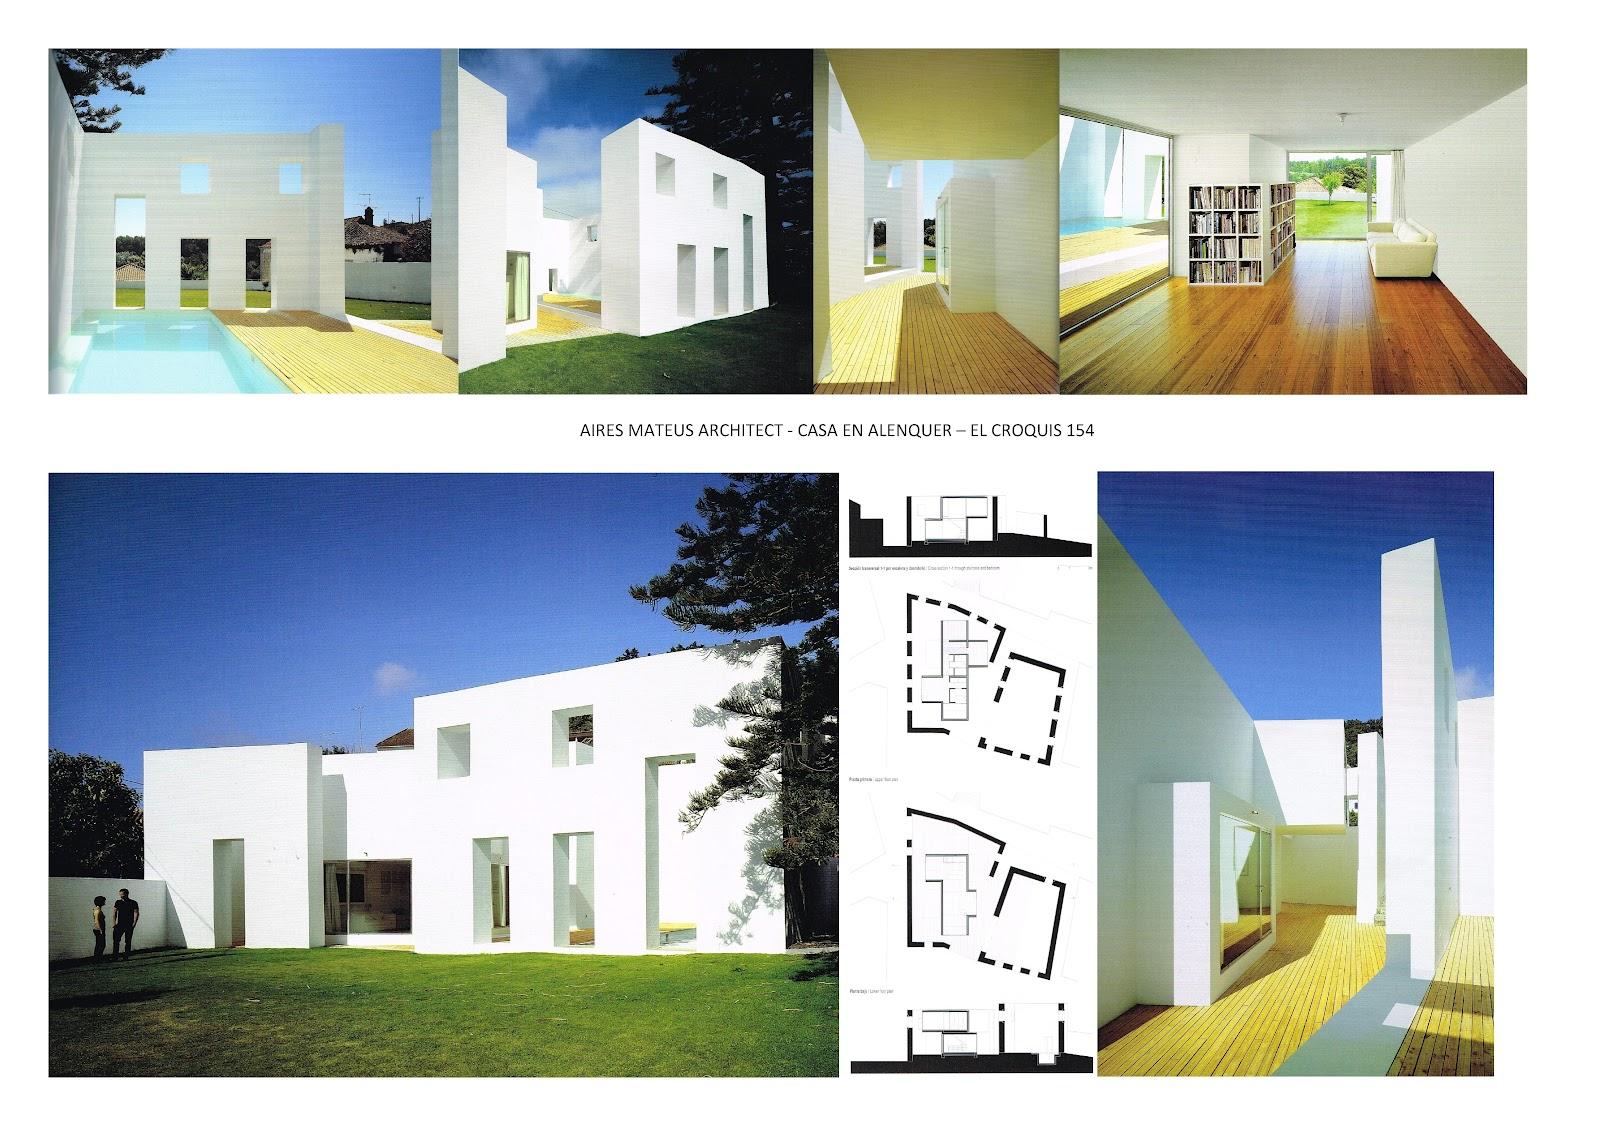 aires mateus architect architects blog